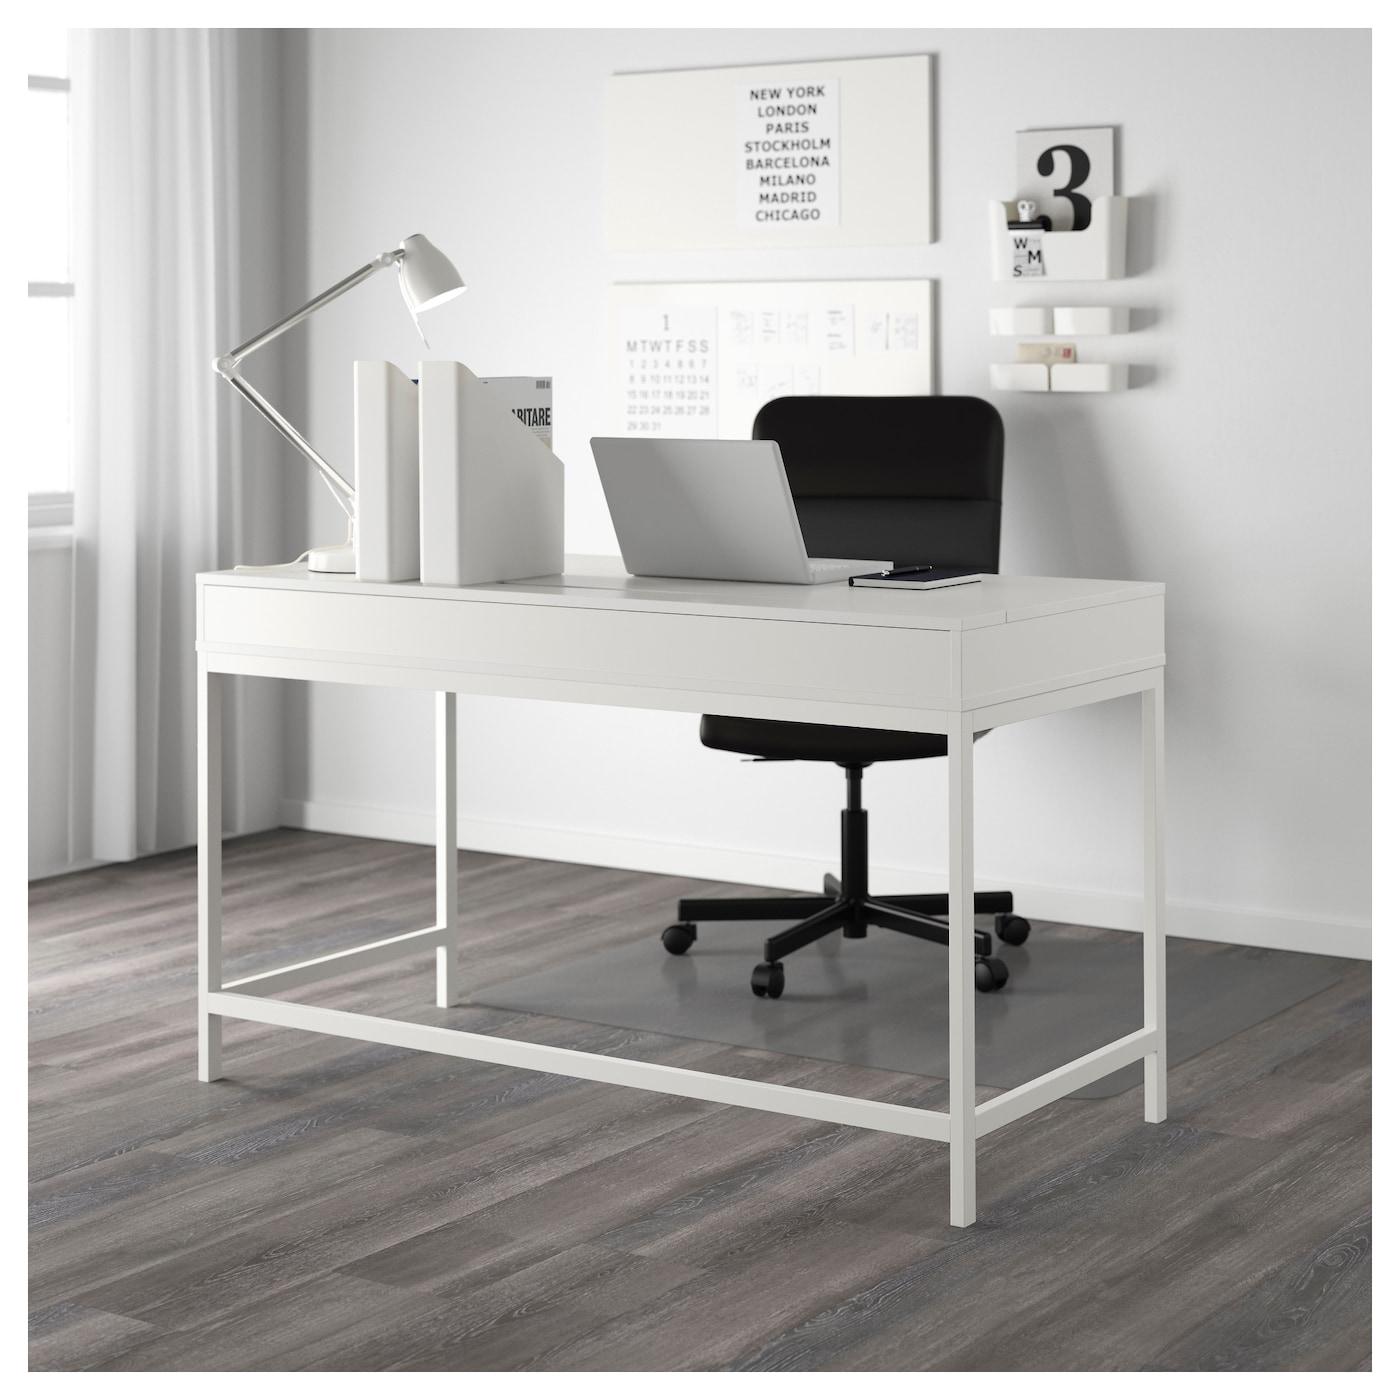 alex bureau wit 131 x 60 cm ikea. Black Bedroom Furniture Sets. Home Design Ideas